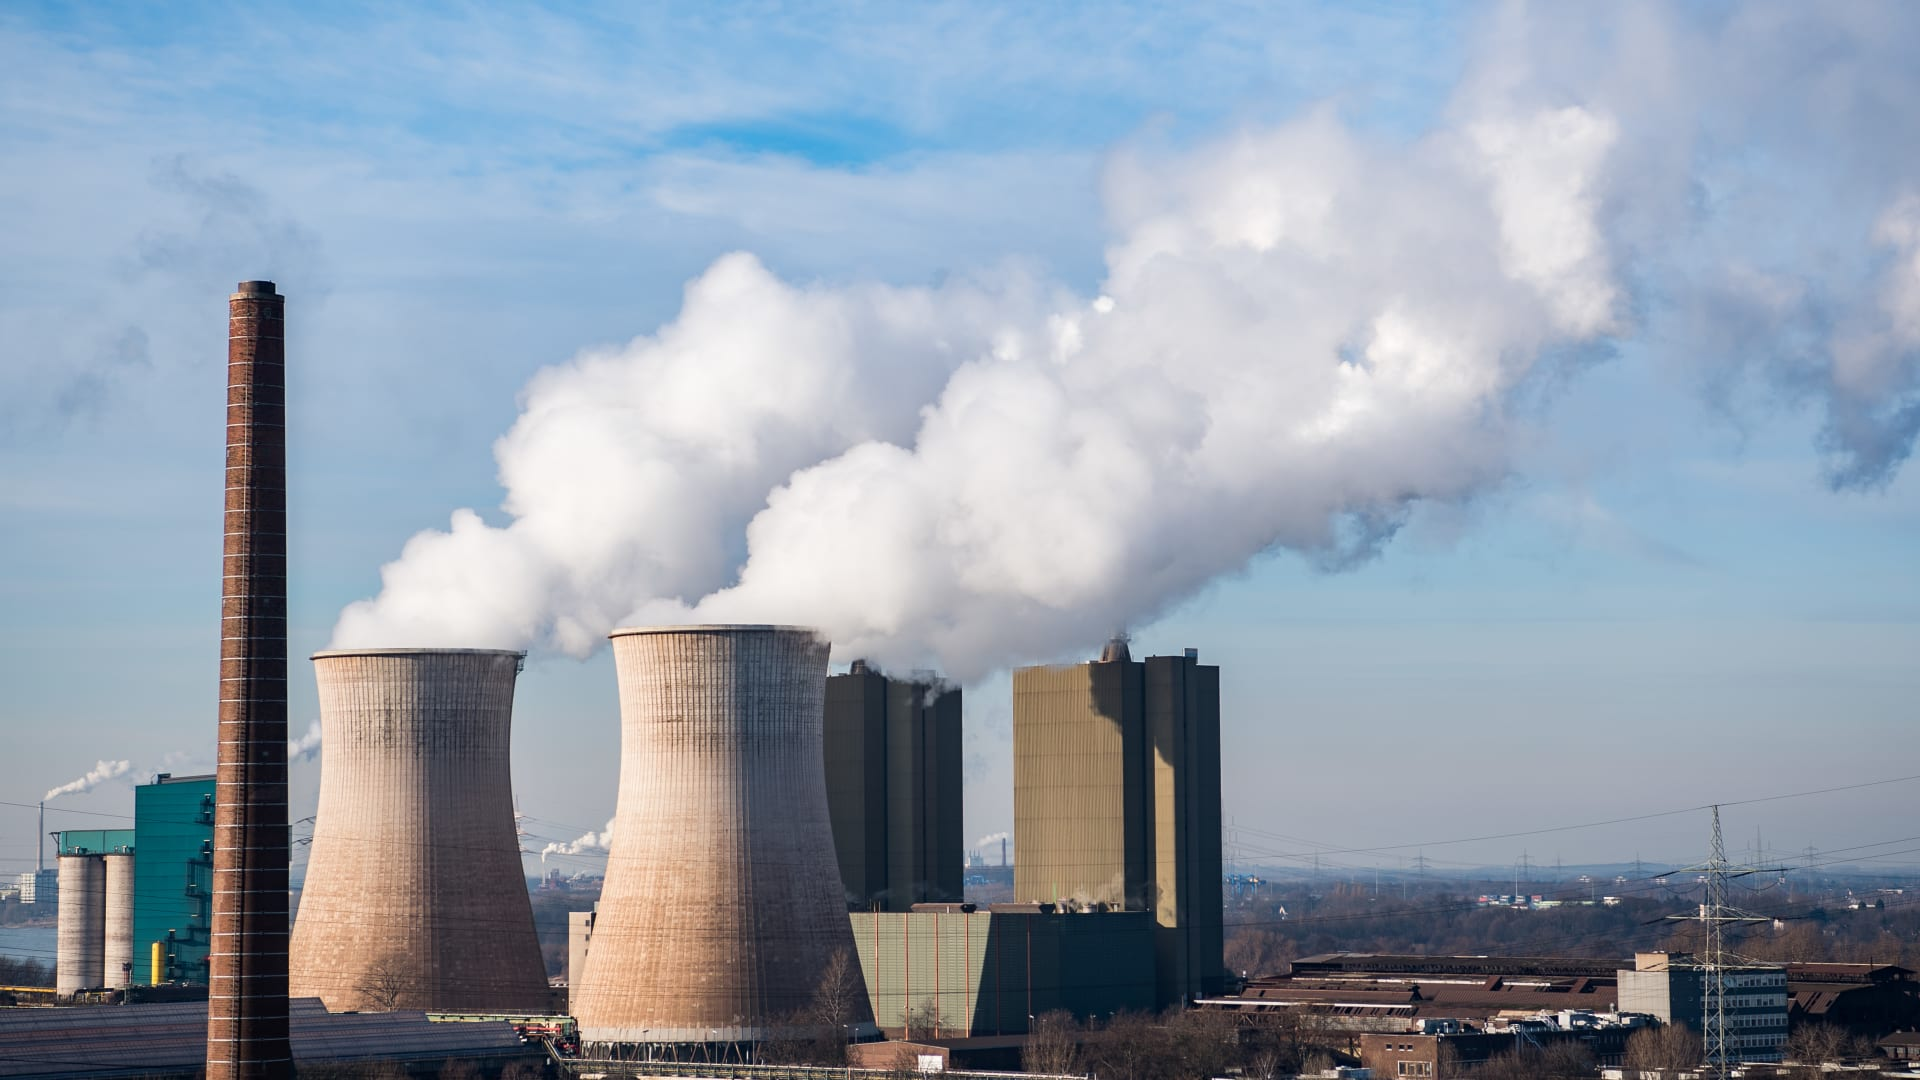 Golabl-emissions